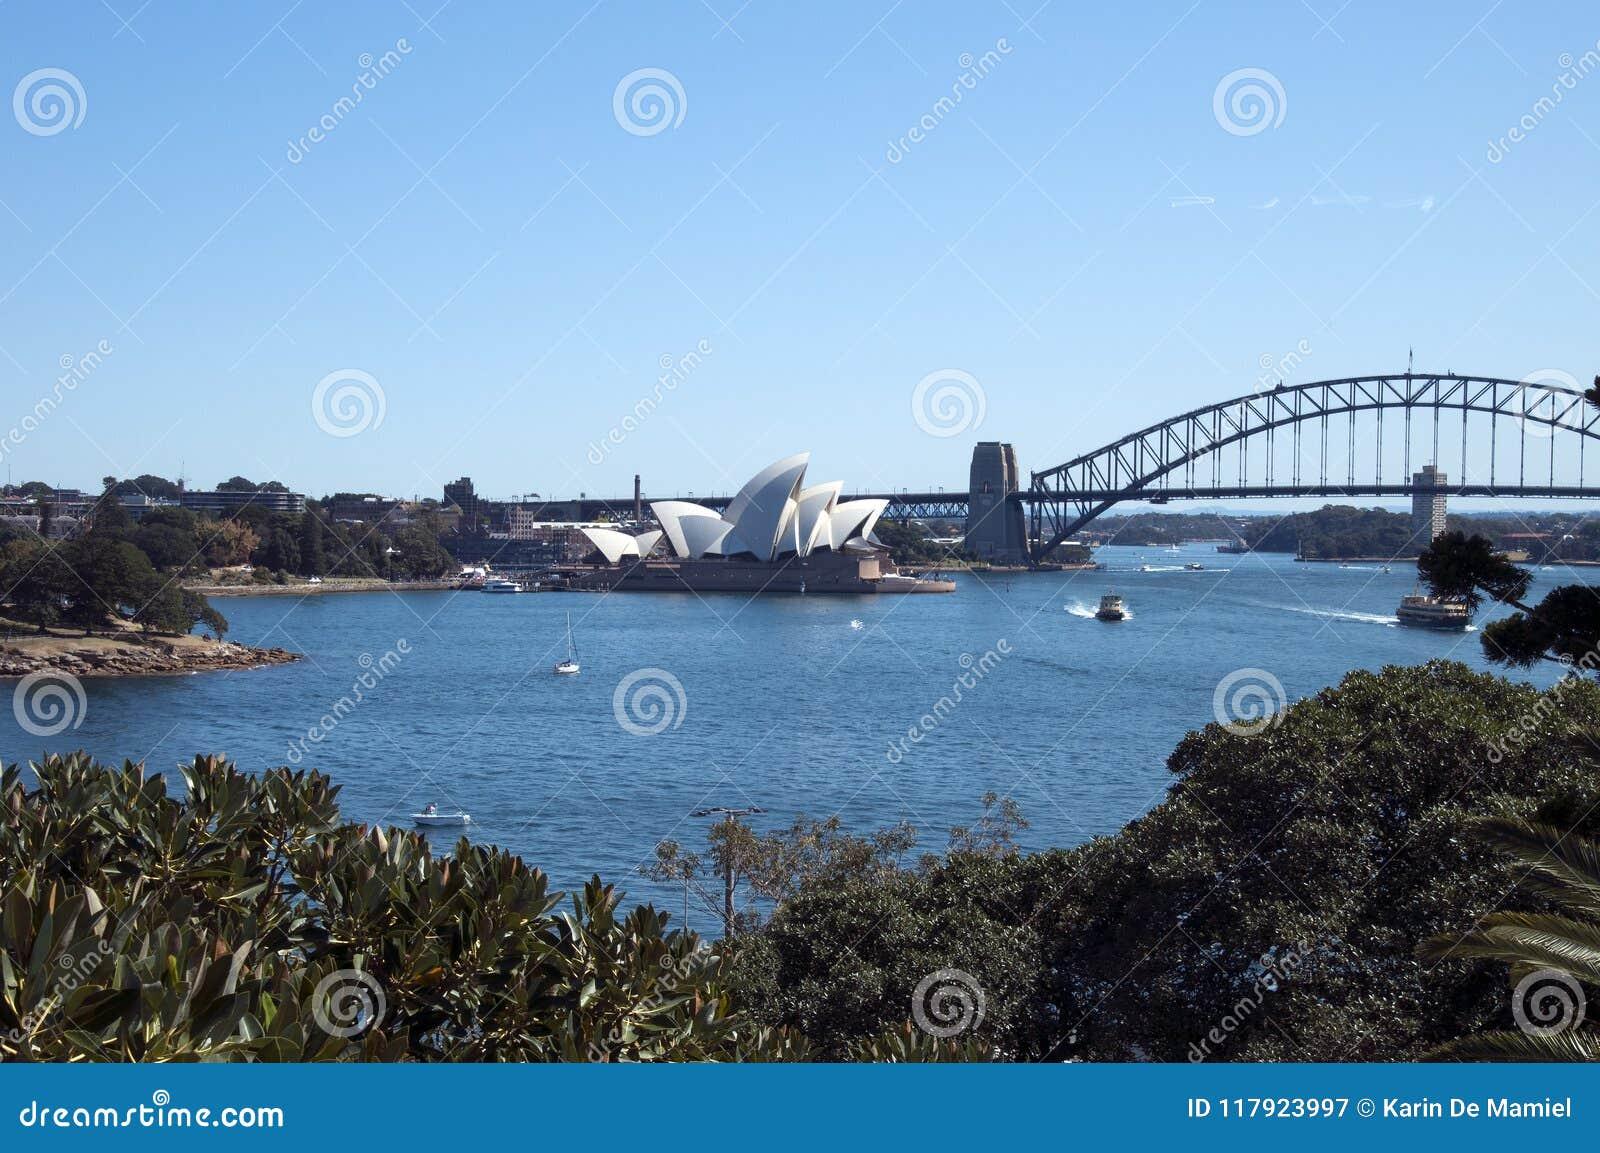 Sydney Australia Sep 17 2017, Landschap van de haven met inbegrip van het iconische operahuis, brug en botanische tuinen van tuin